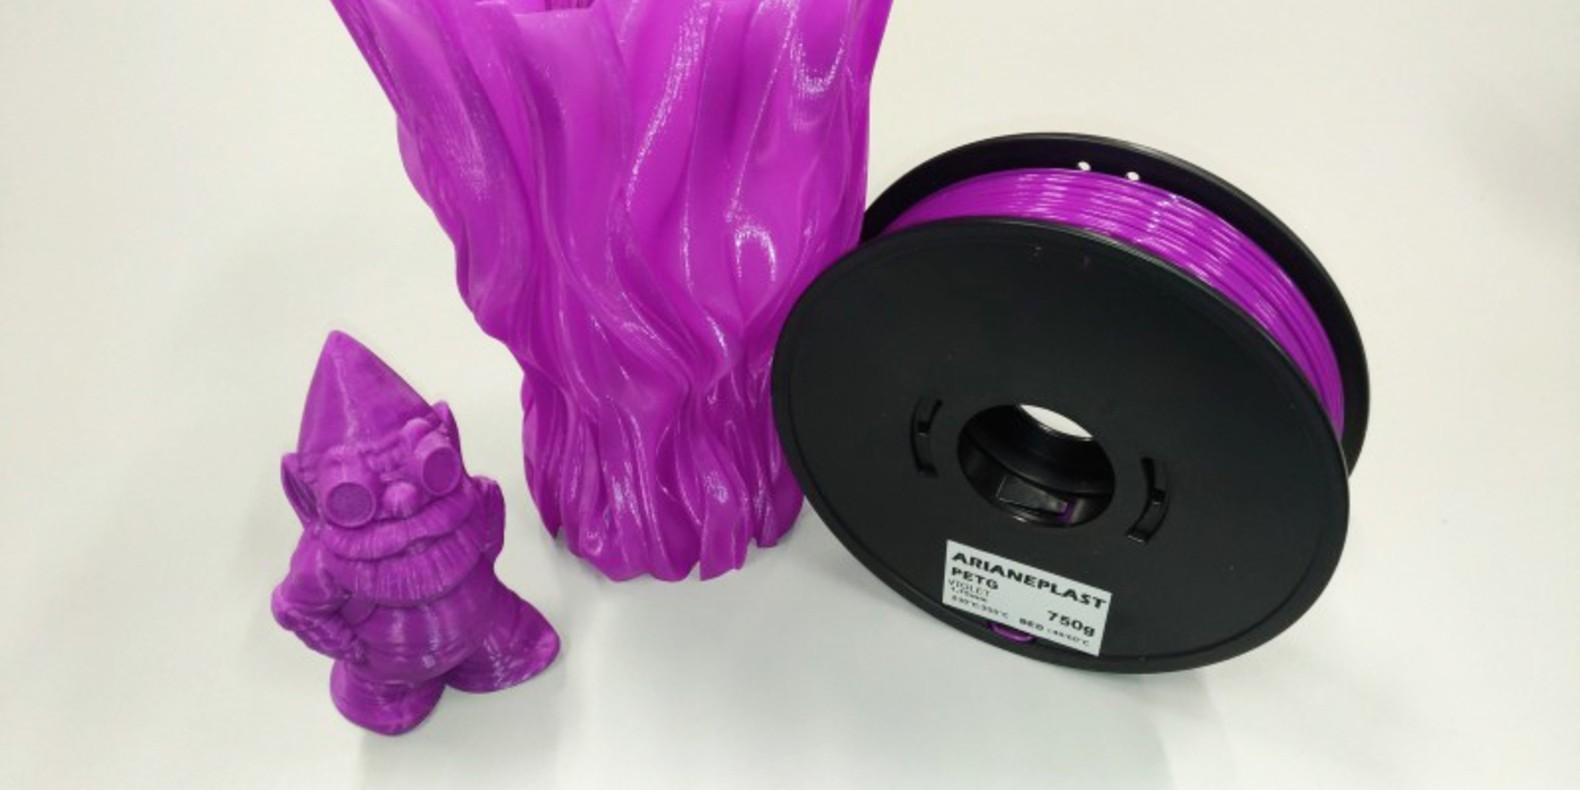 Nouvelle gamme de filaments PETG chez Arianeplast.